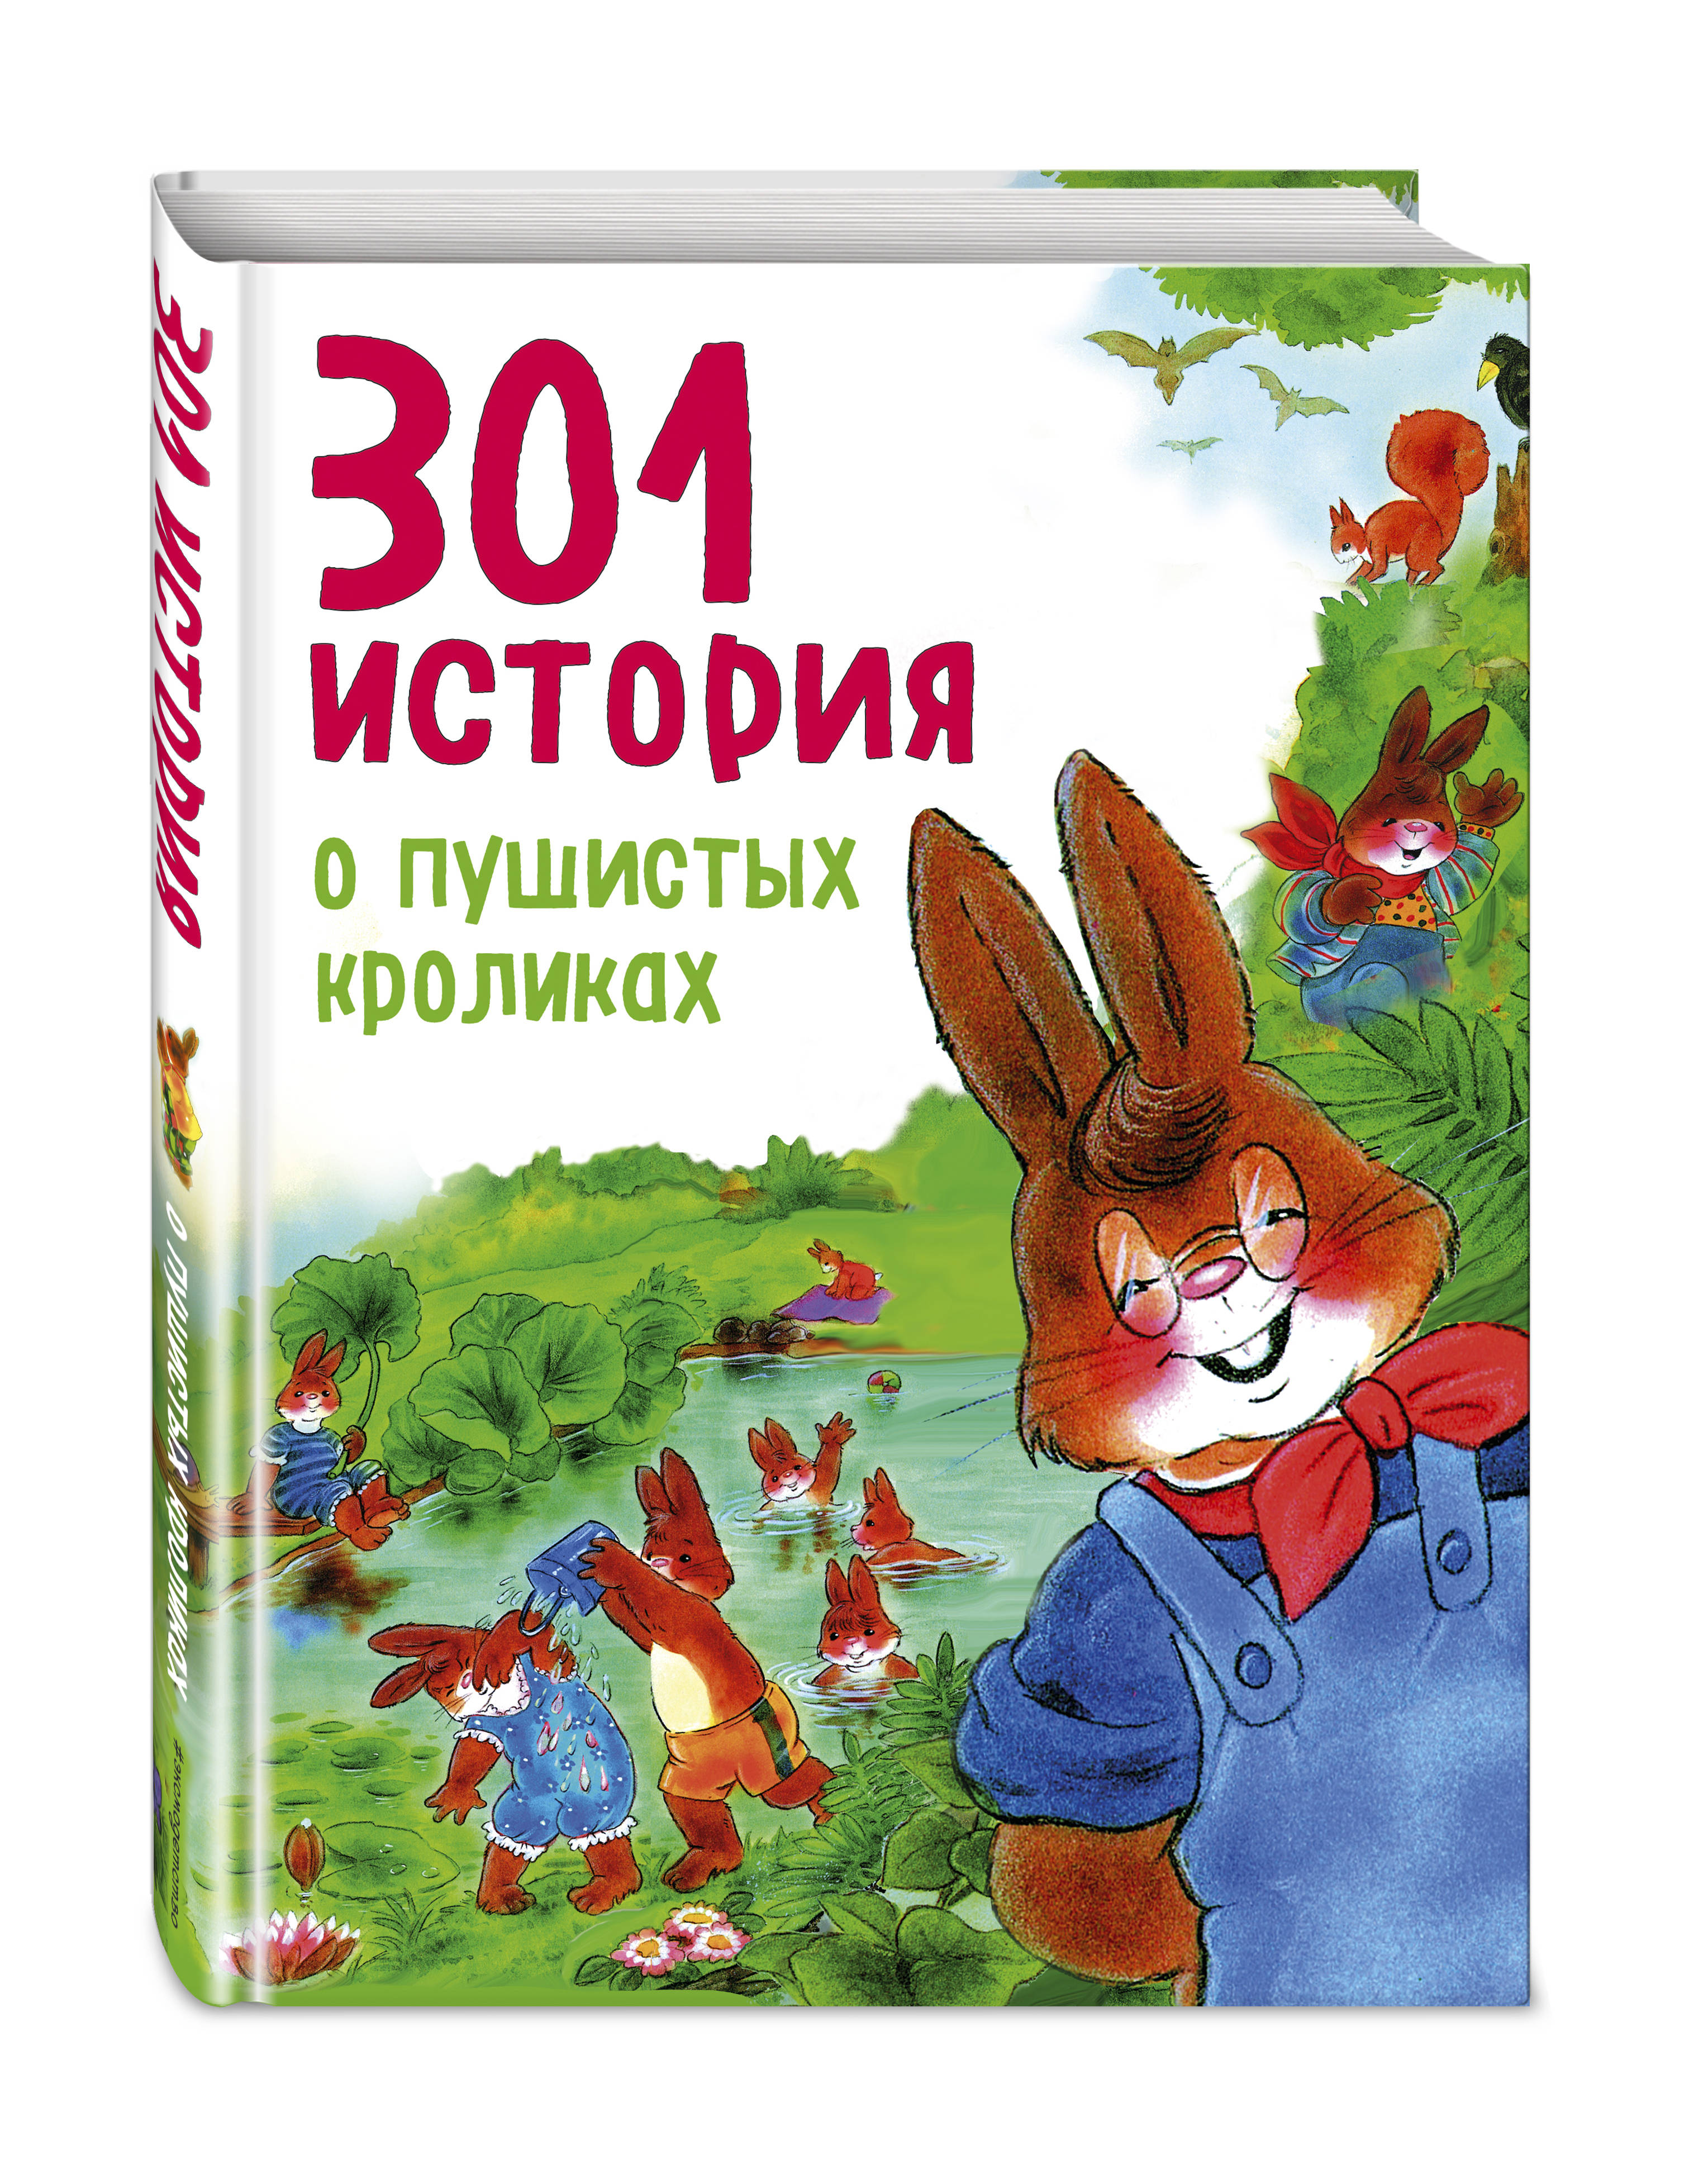 Фрёлих Ф. 301 история о пушистых кроликах f gattien 8873 301